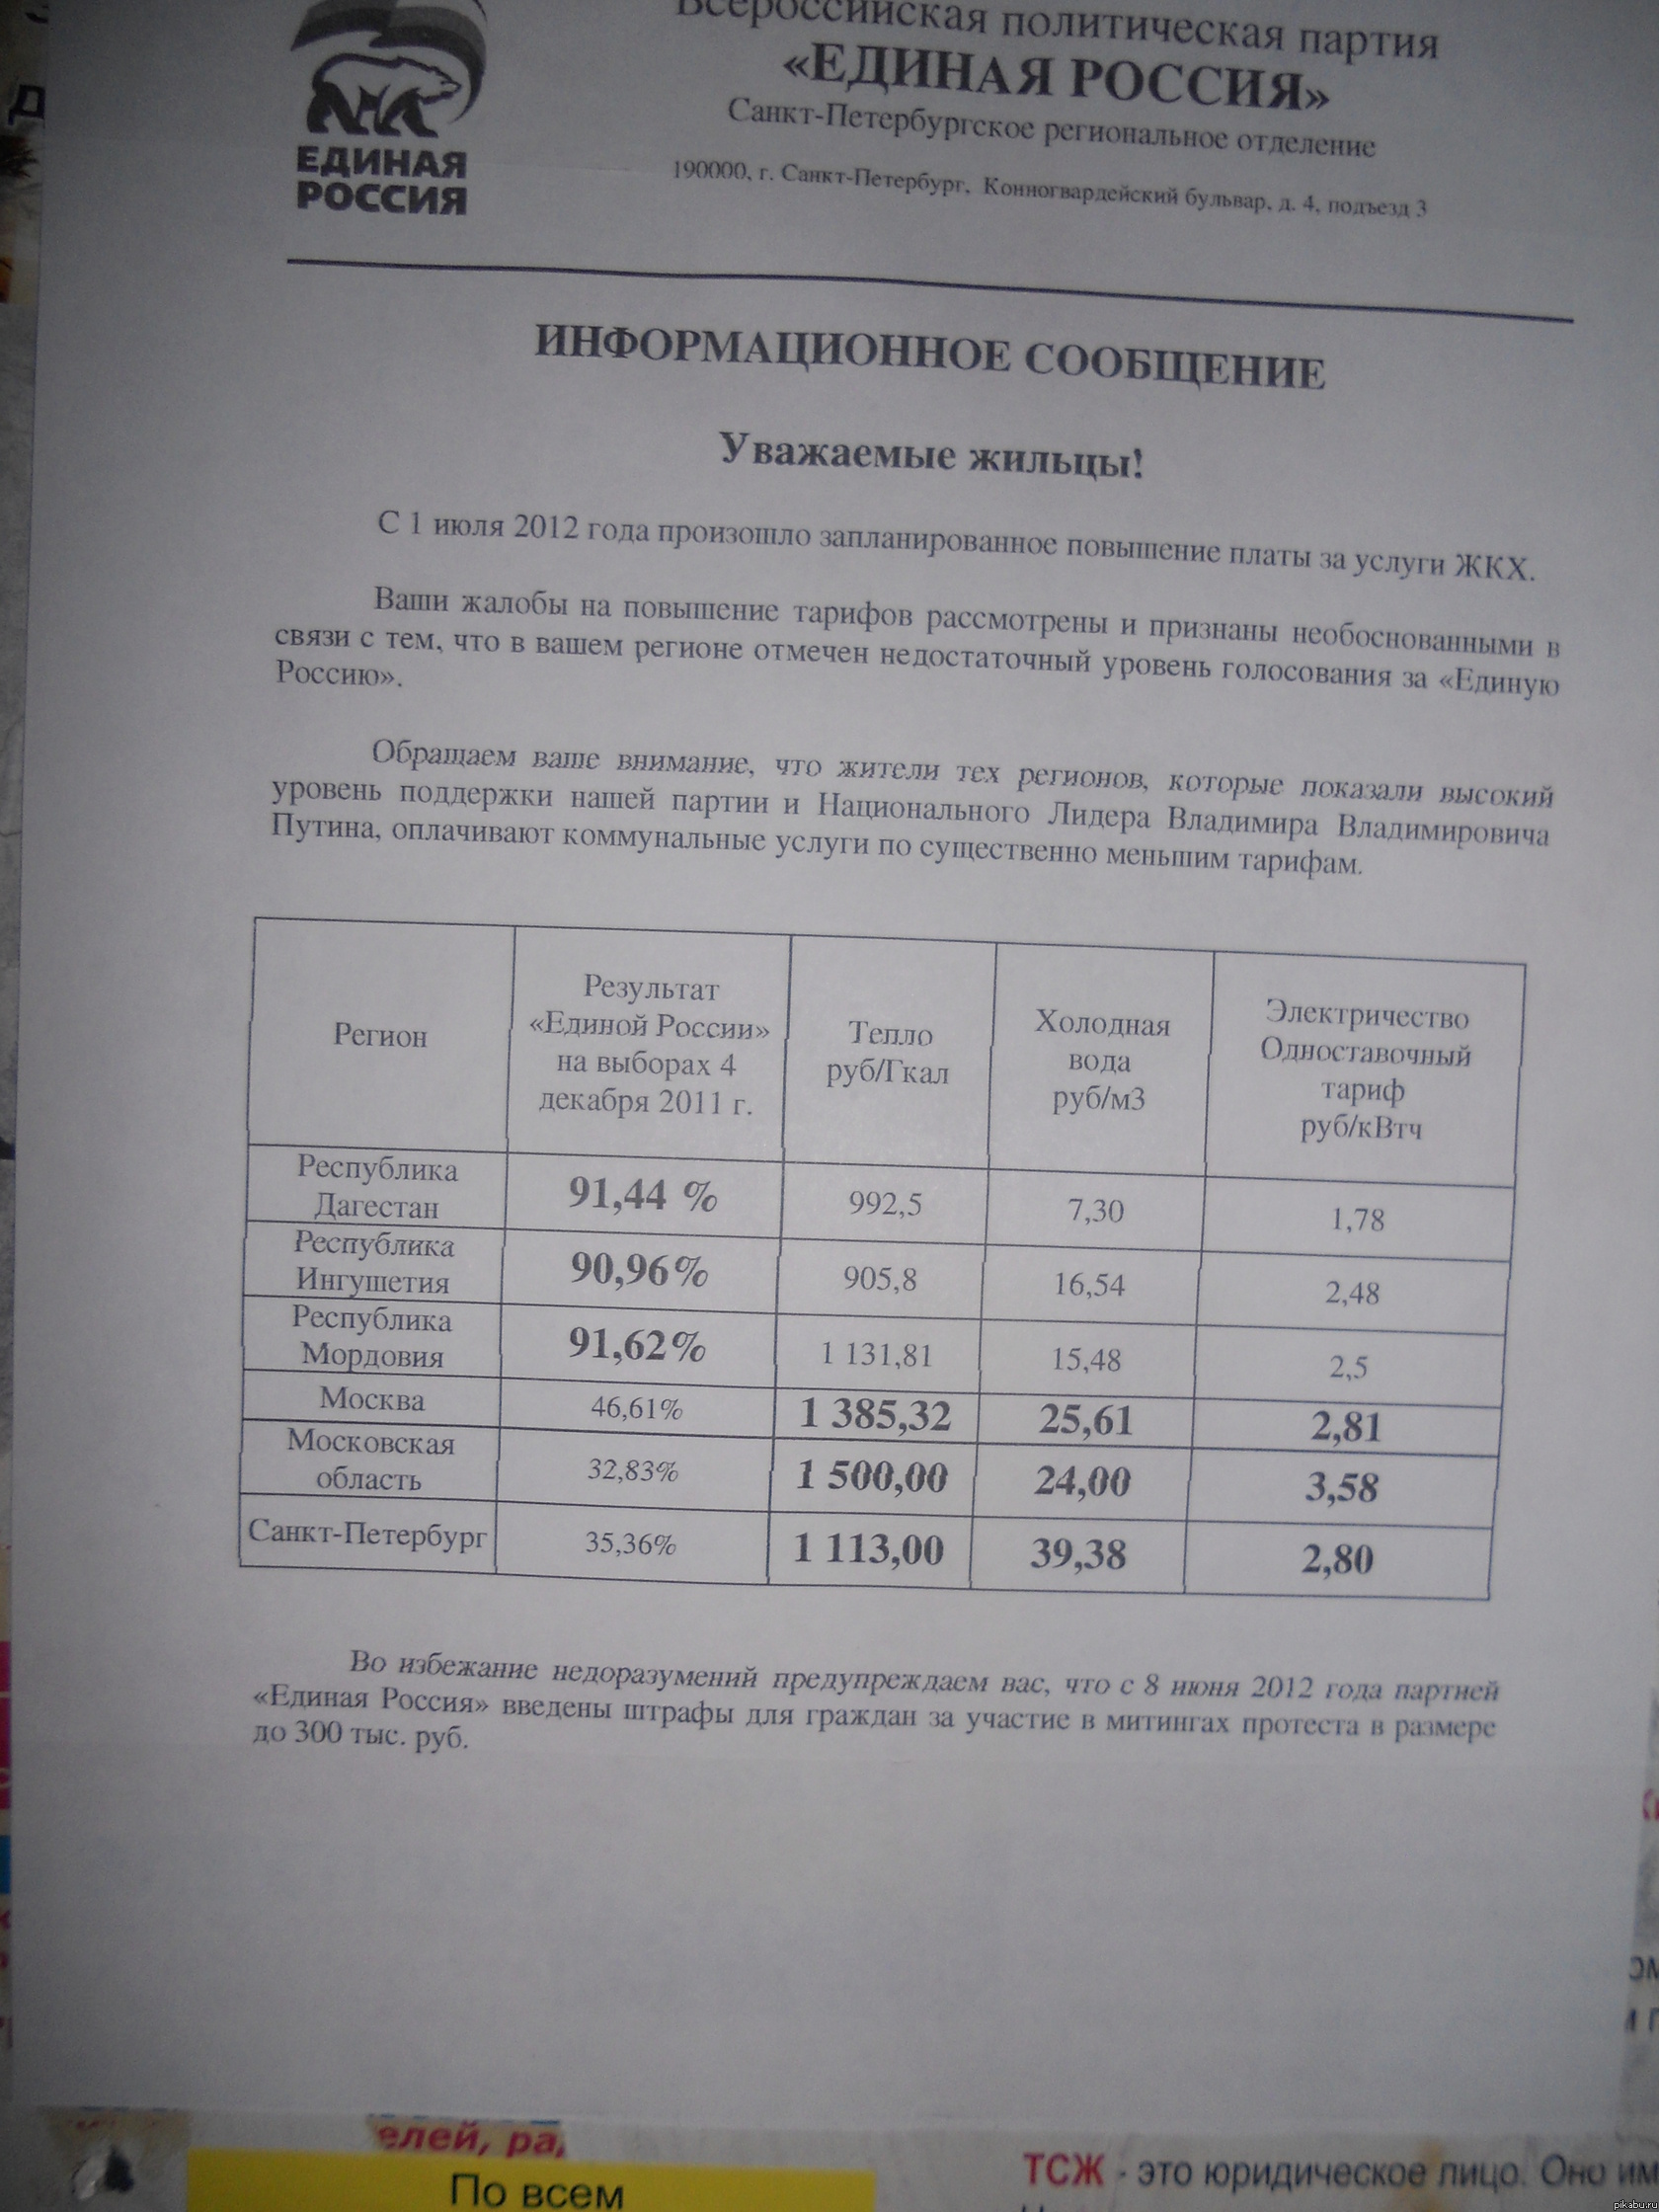 Объявления на покупку картин и панно по казахстану